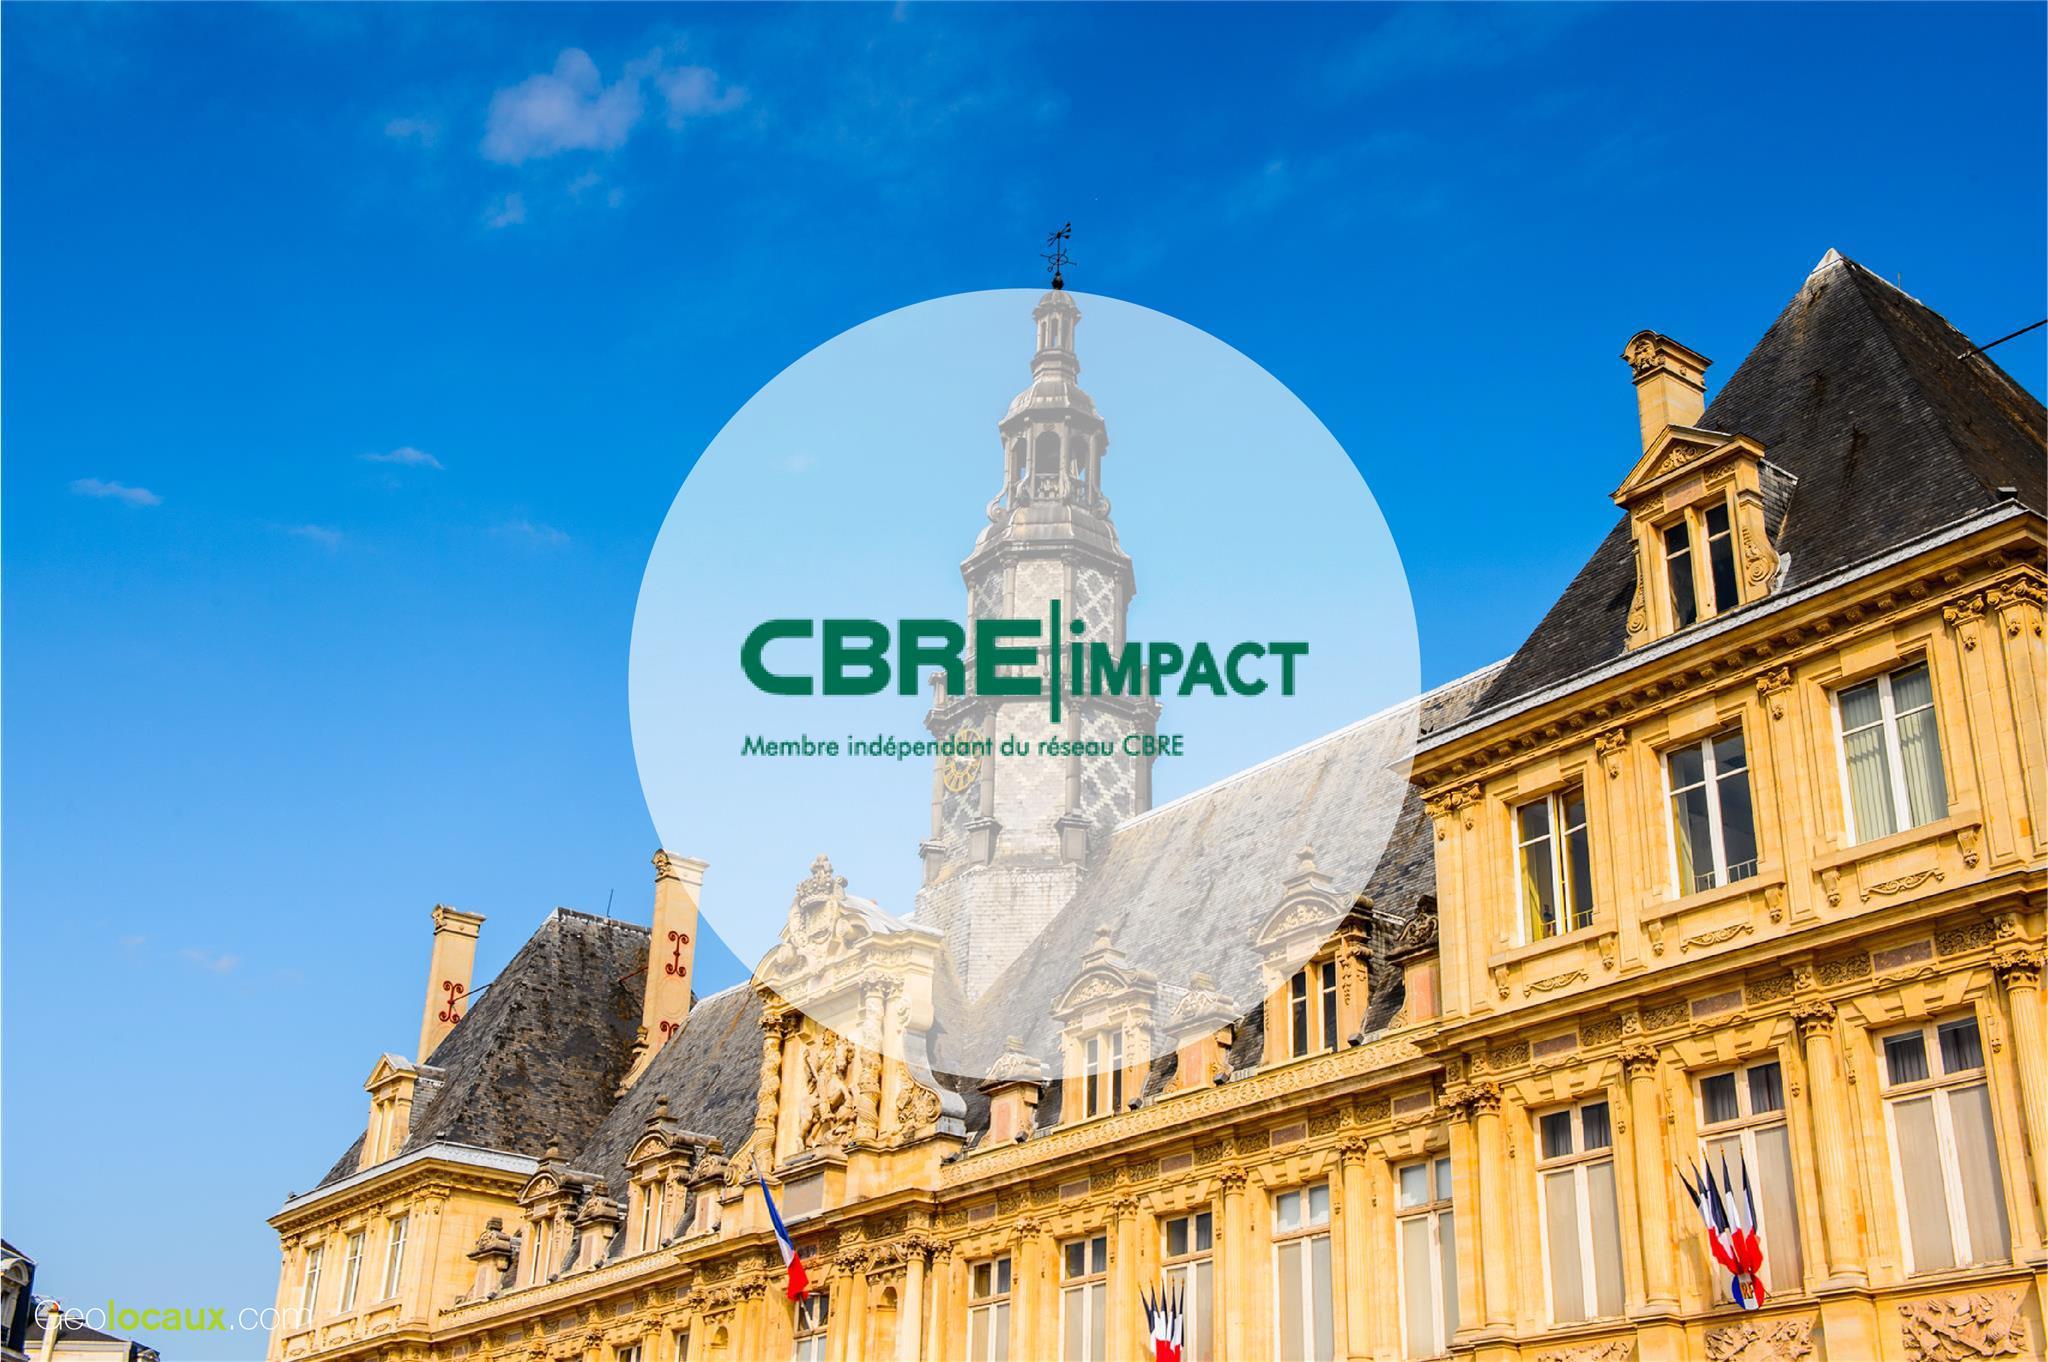 CBRE Impact Reims geolocaux